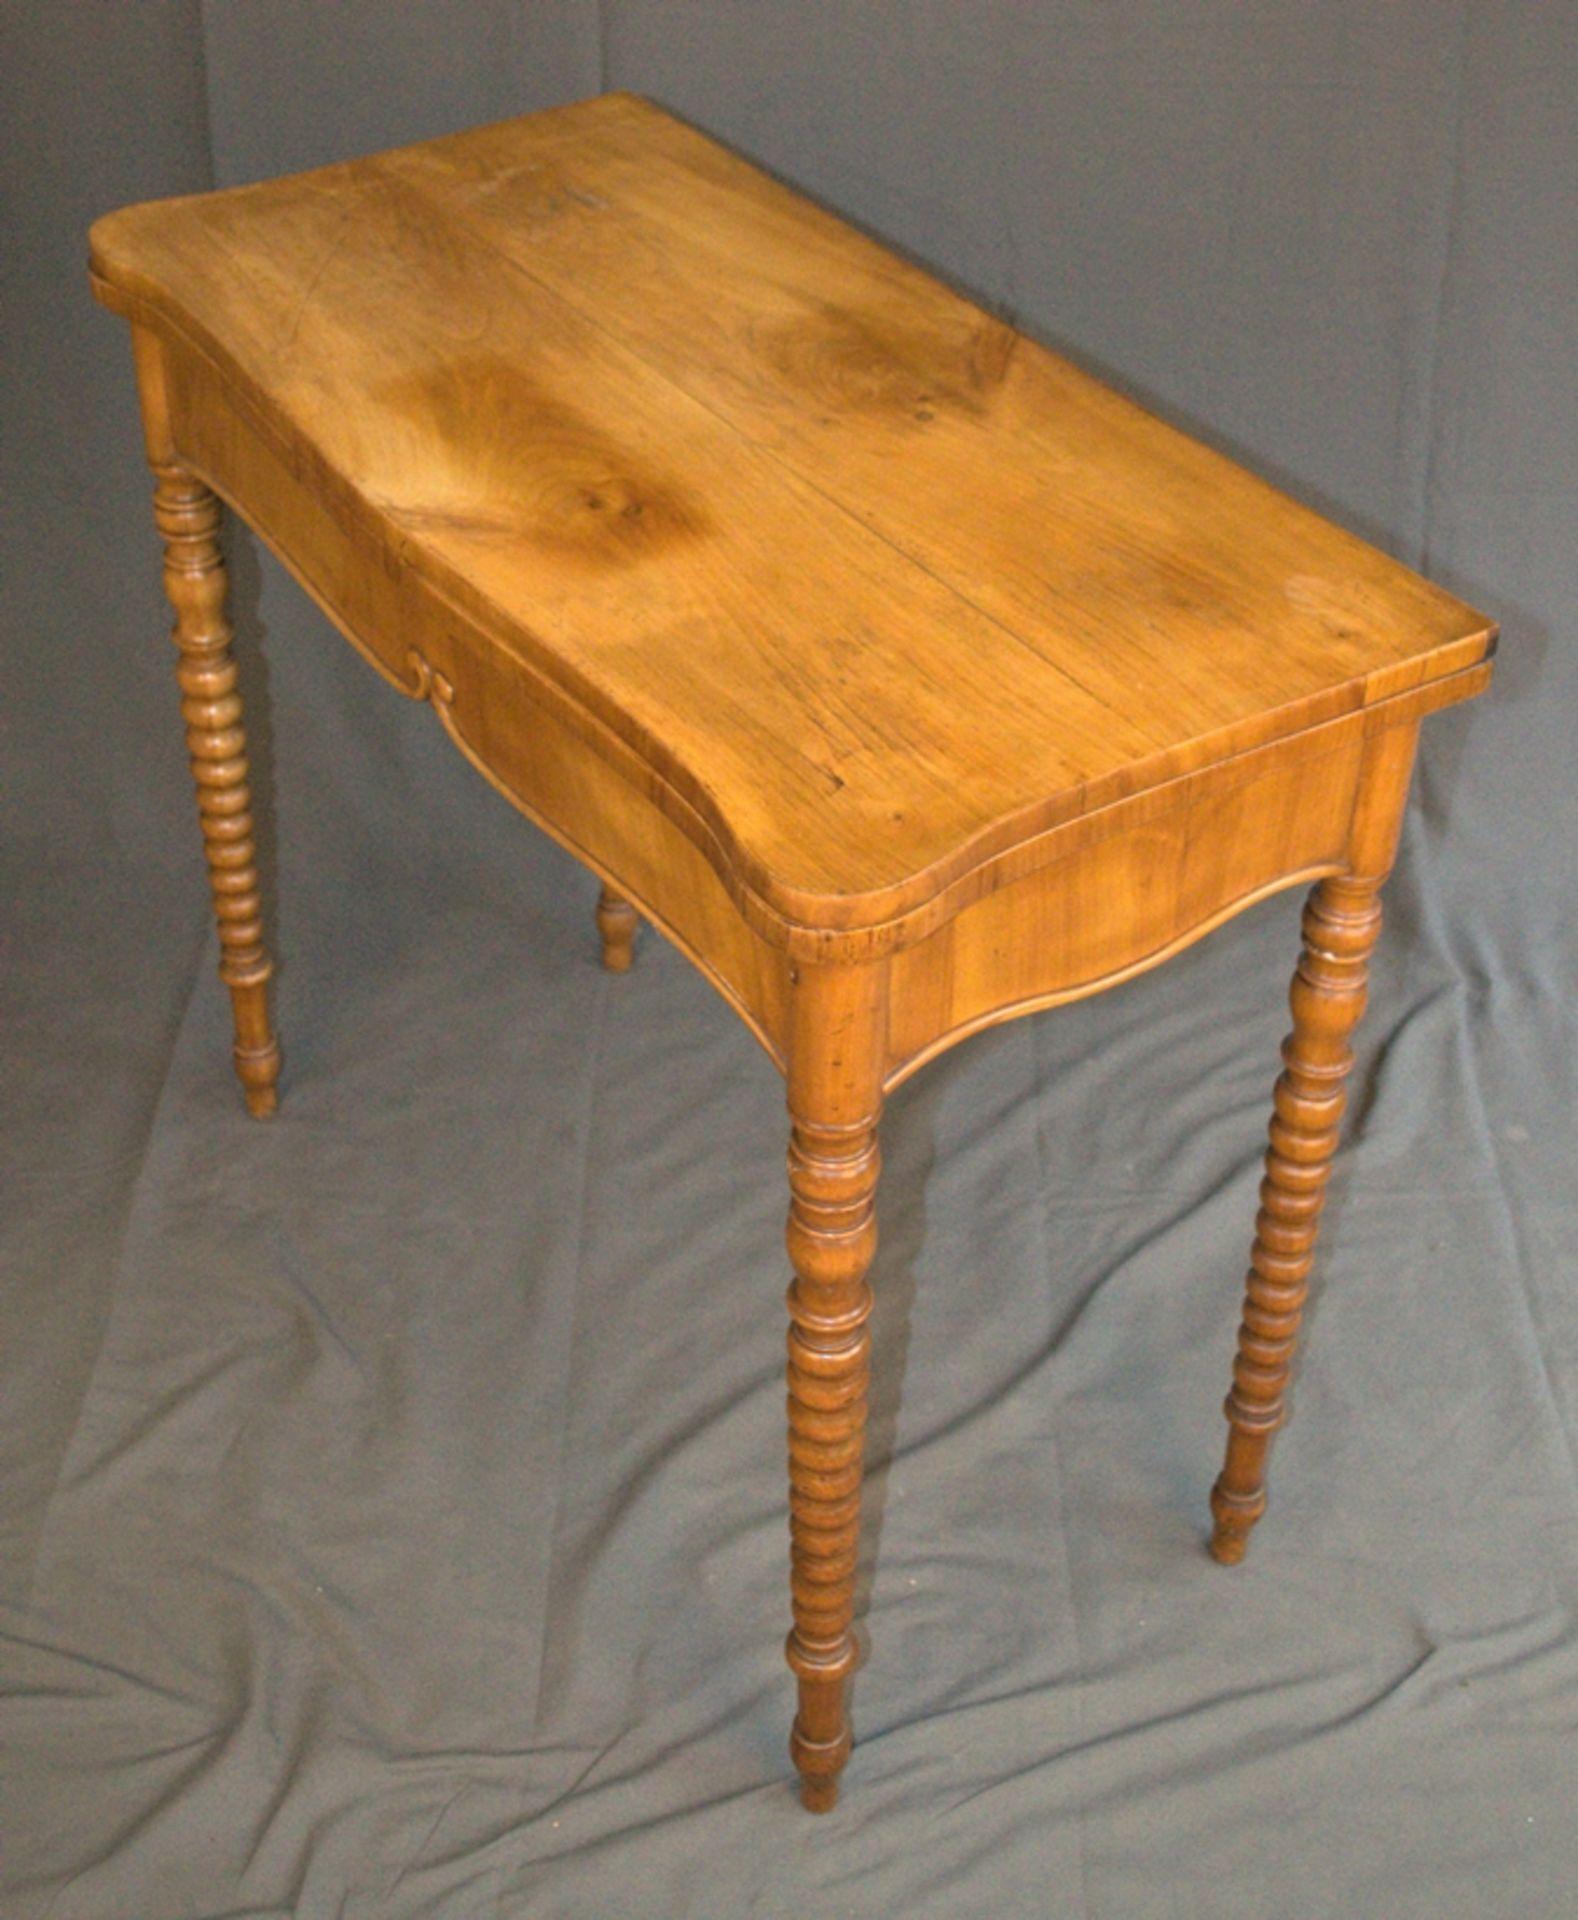 Konsoltisch/Spieltisch. Spätes Biedermeier um 1840/50. Kirschbaum massiv & furniert. Gepflegter - Bild 4 aus 24